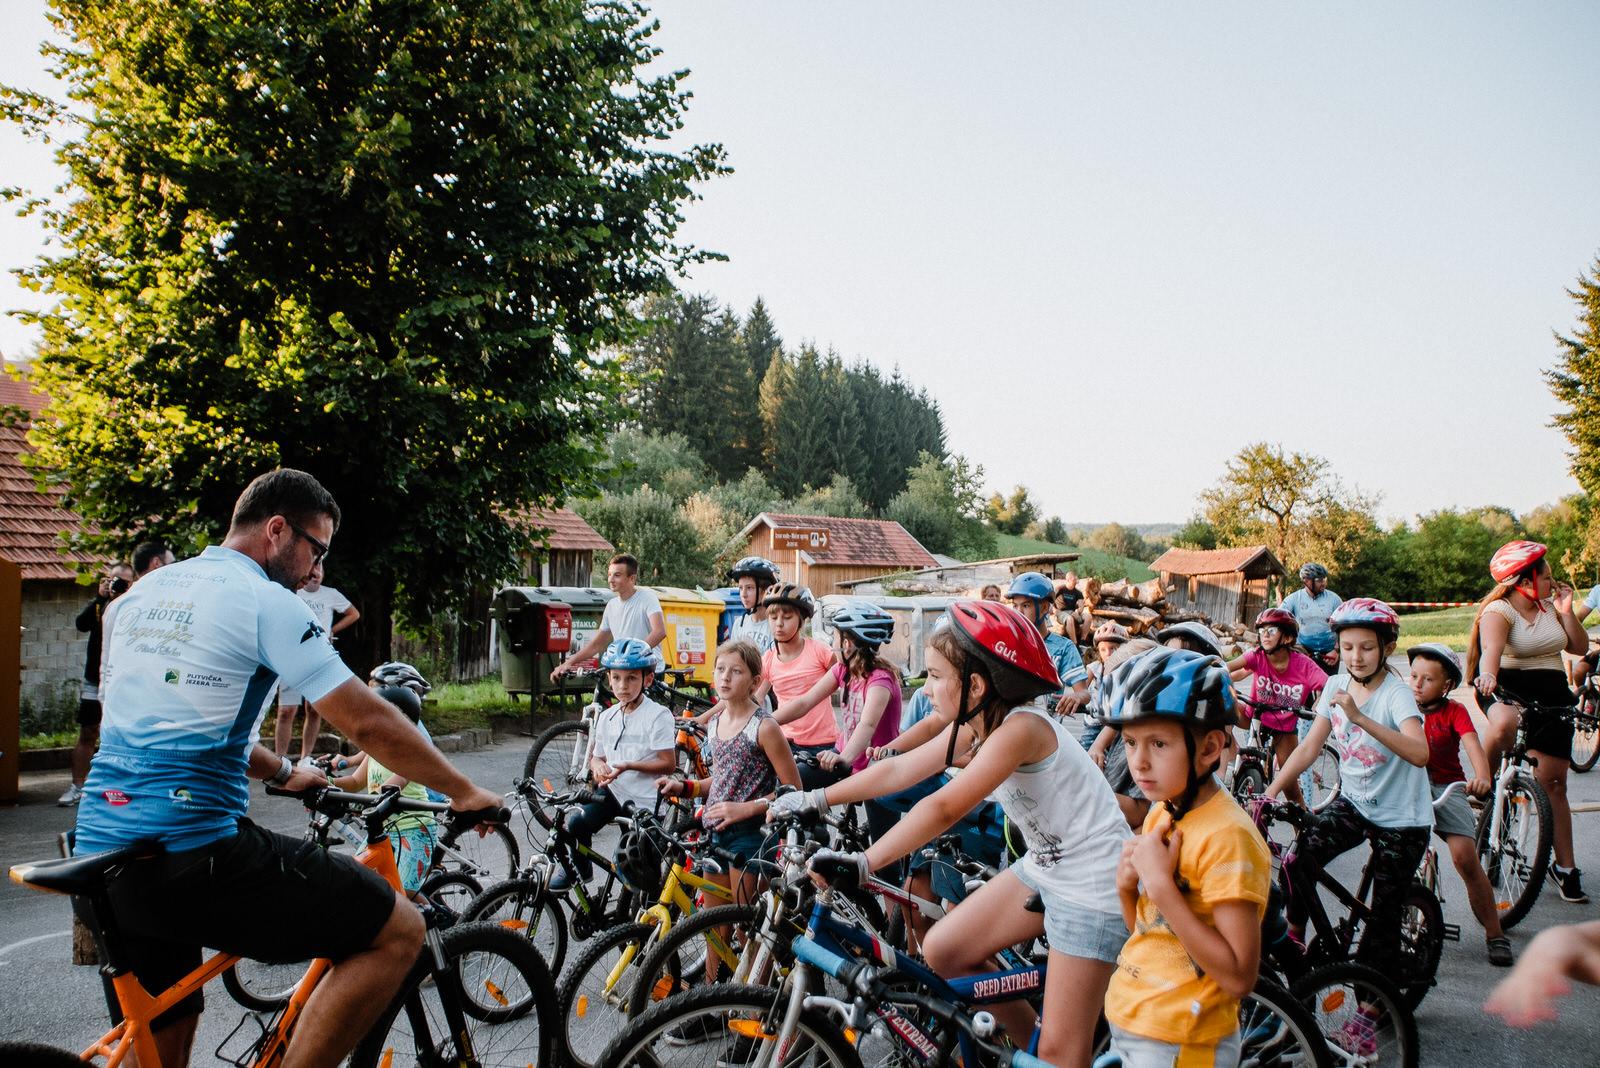 likaclub_rakovica_1-mala-biciklijada_2019-16